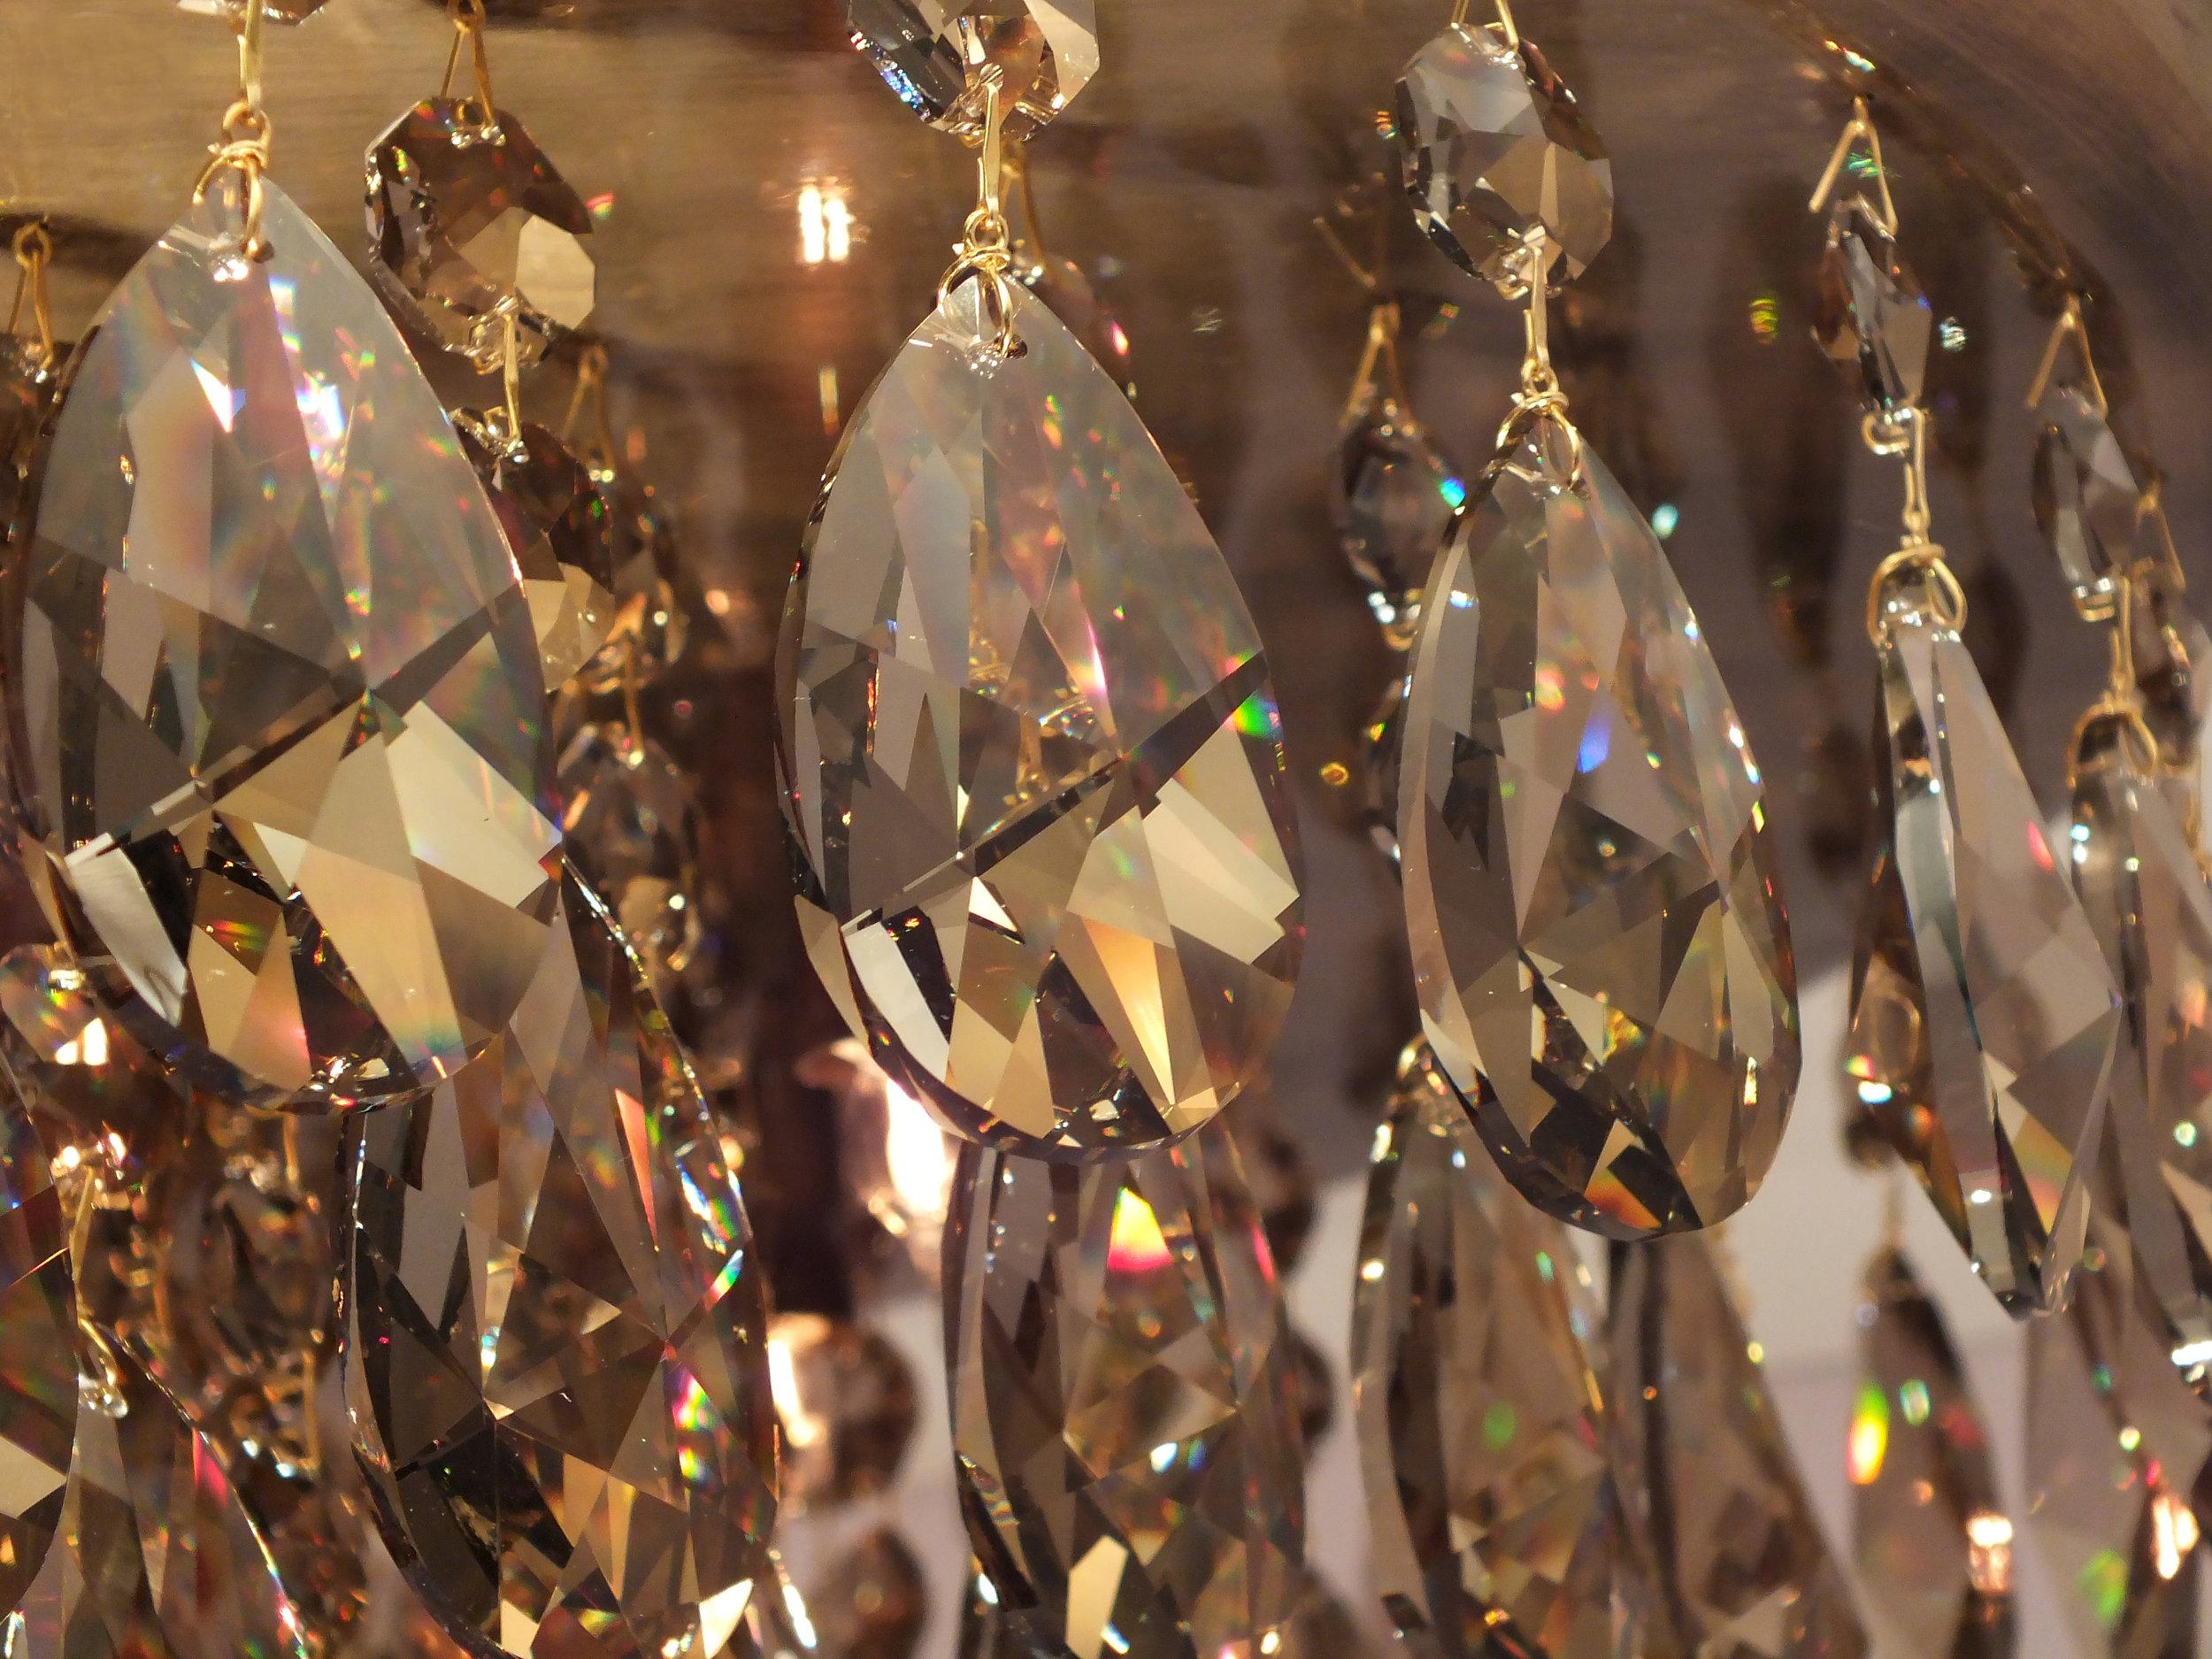 Cristais Golden Honey e conectores entre os cristais banhados a Ouro 24K no Plafon Parma.